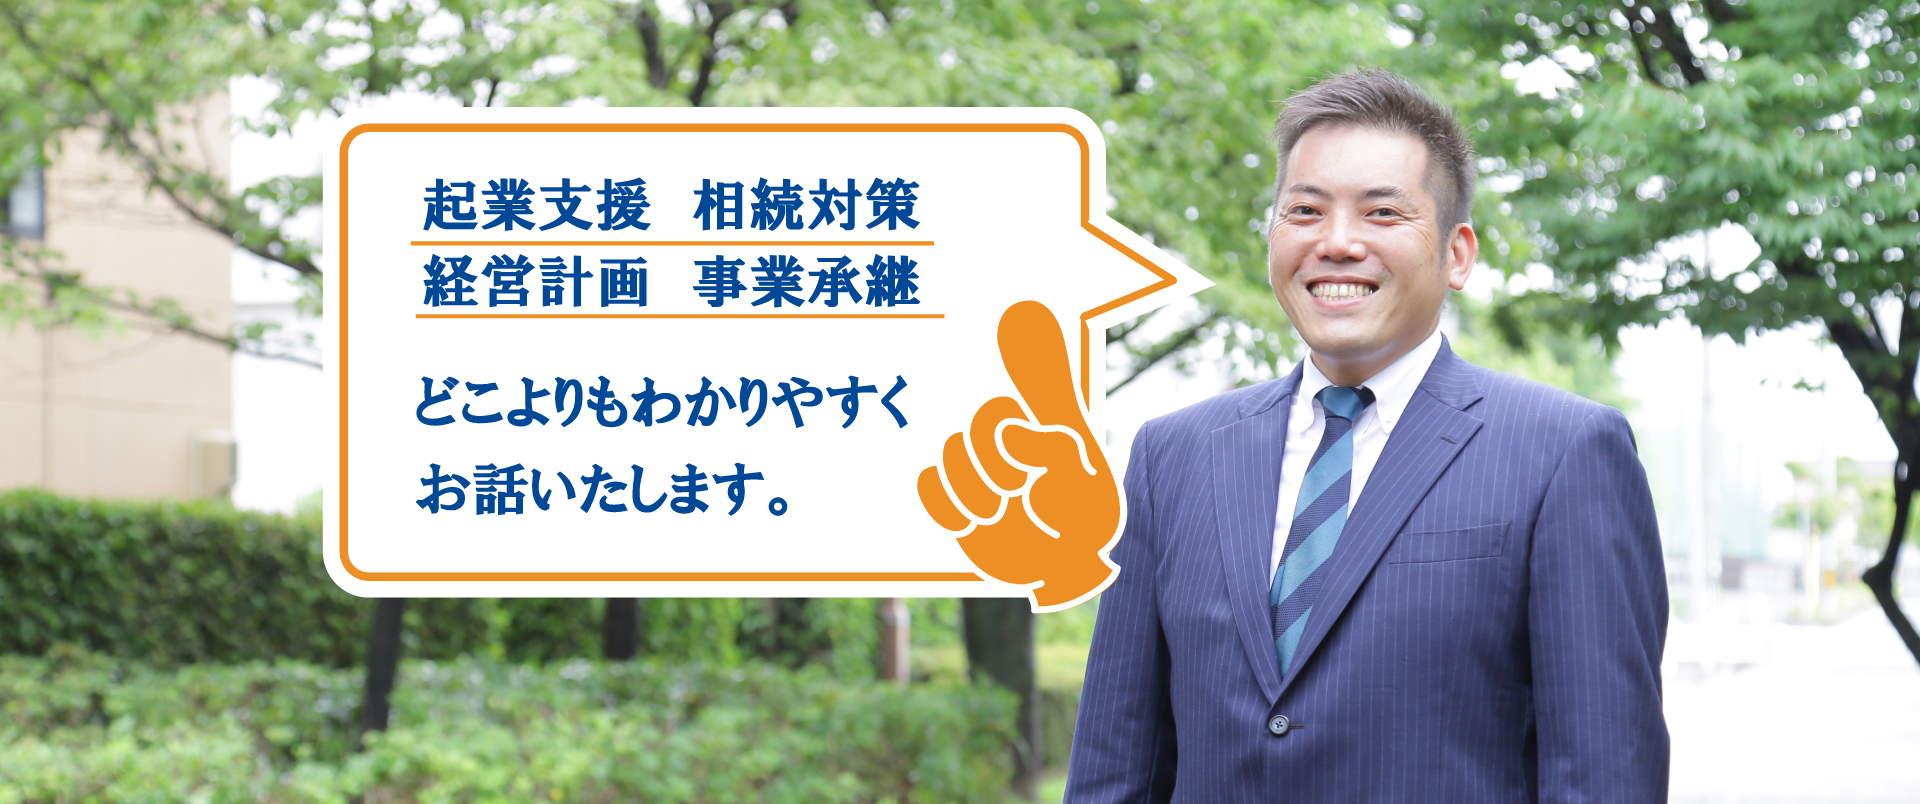 税理士 渡辺洋司氏